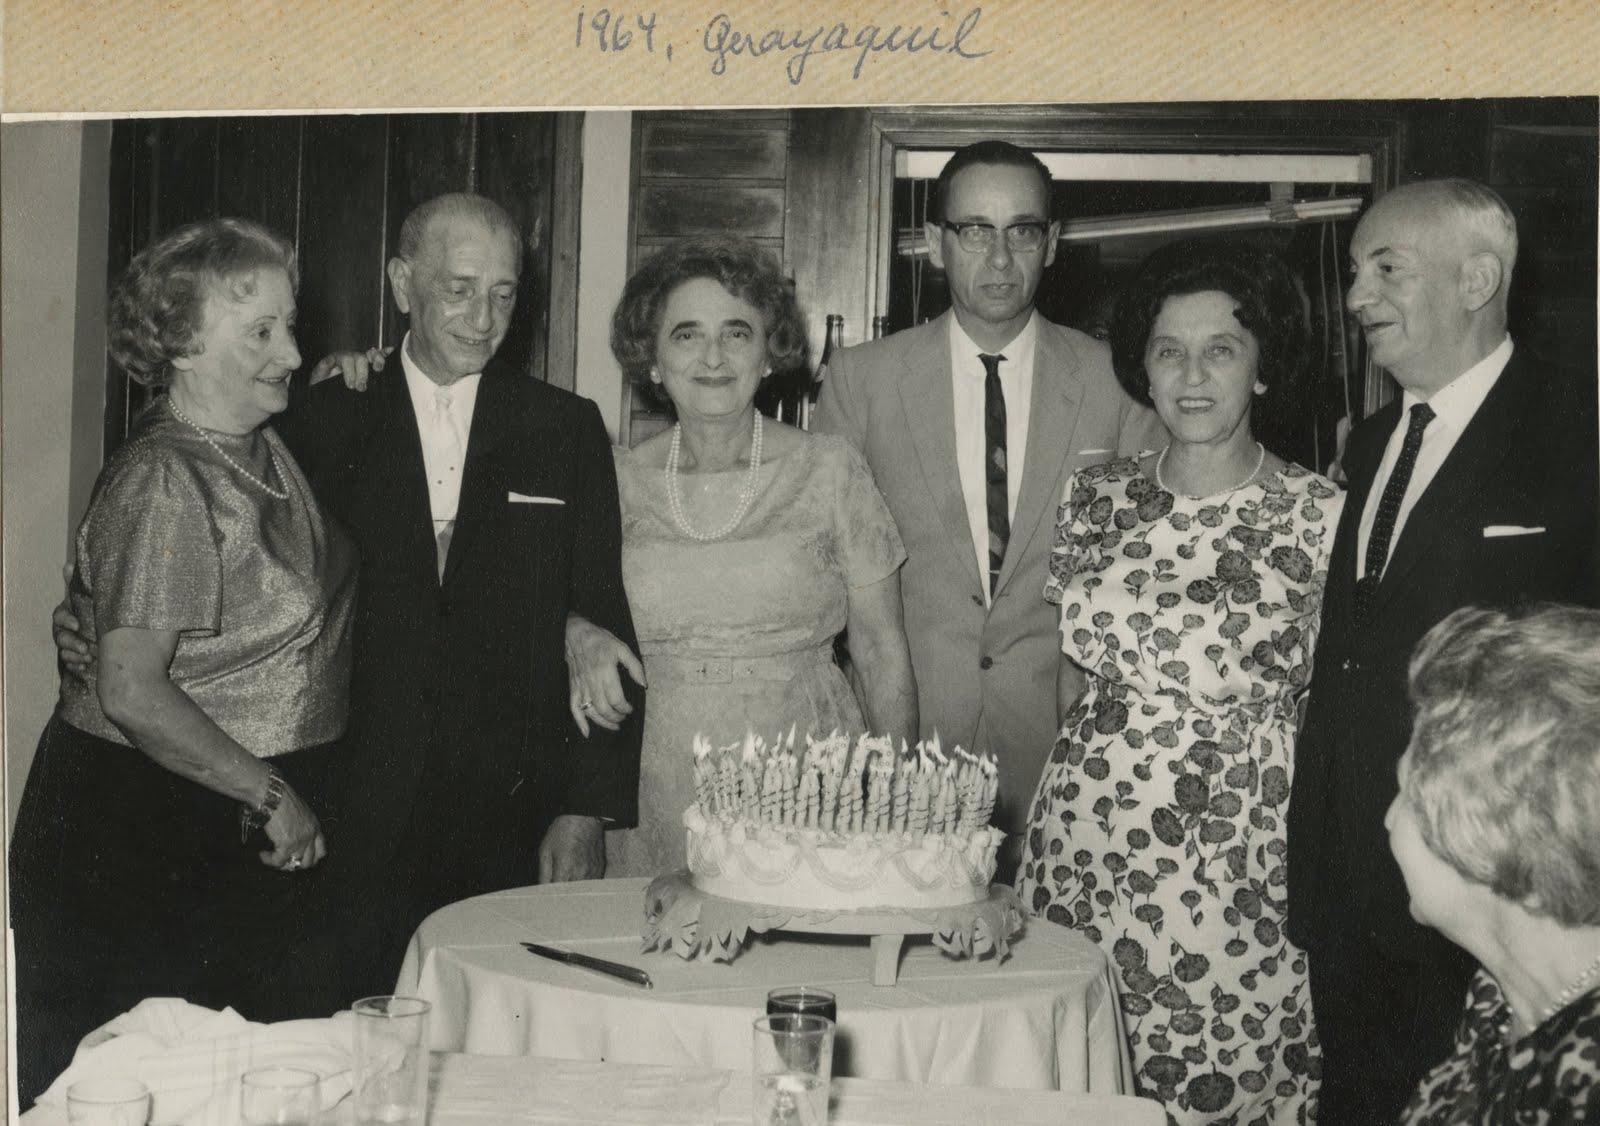 From left_ Margot Braasch (nee Partos), Gustav Gumpel, Elisabeth (Lieschen) Gumpel (nee Partos), Han